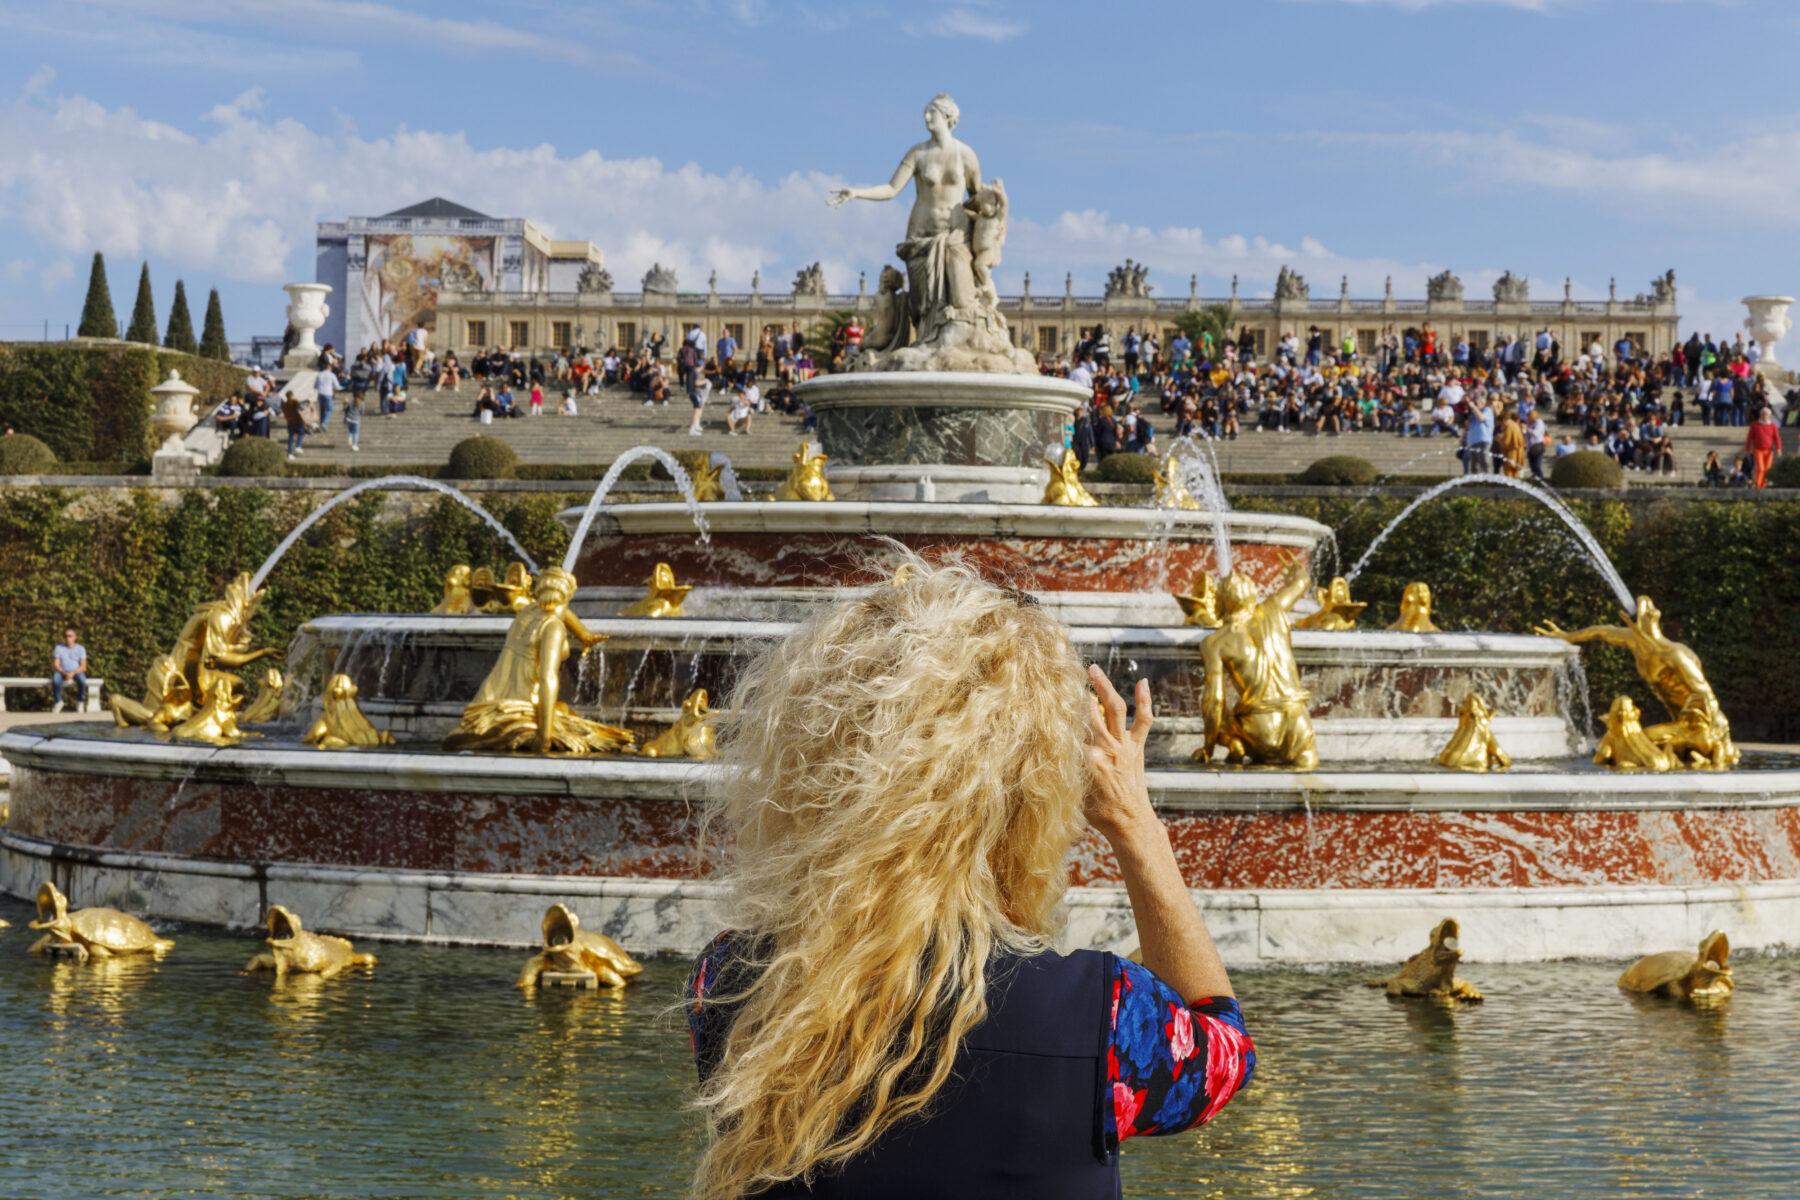 Martin Parr, Farbfotografie, Versailles, Gärten, Palast, Touristen, Paris, Frankreich 2018